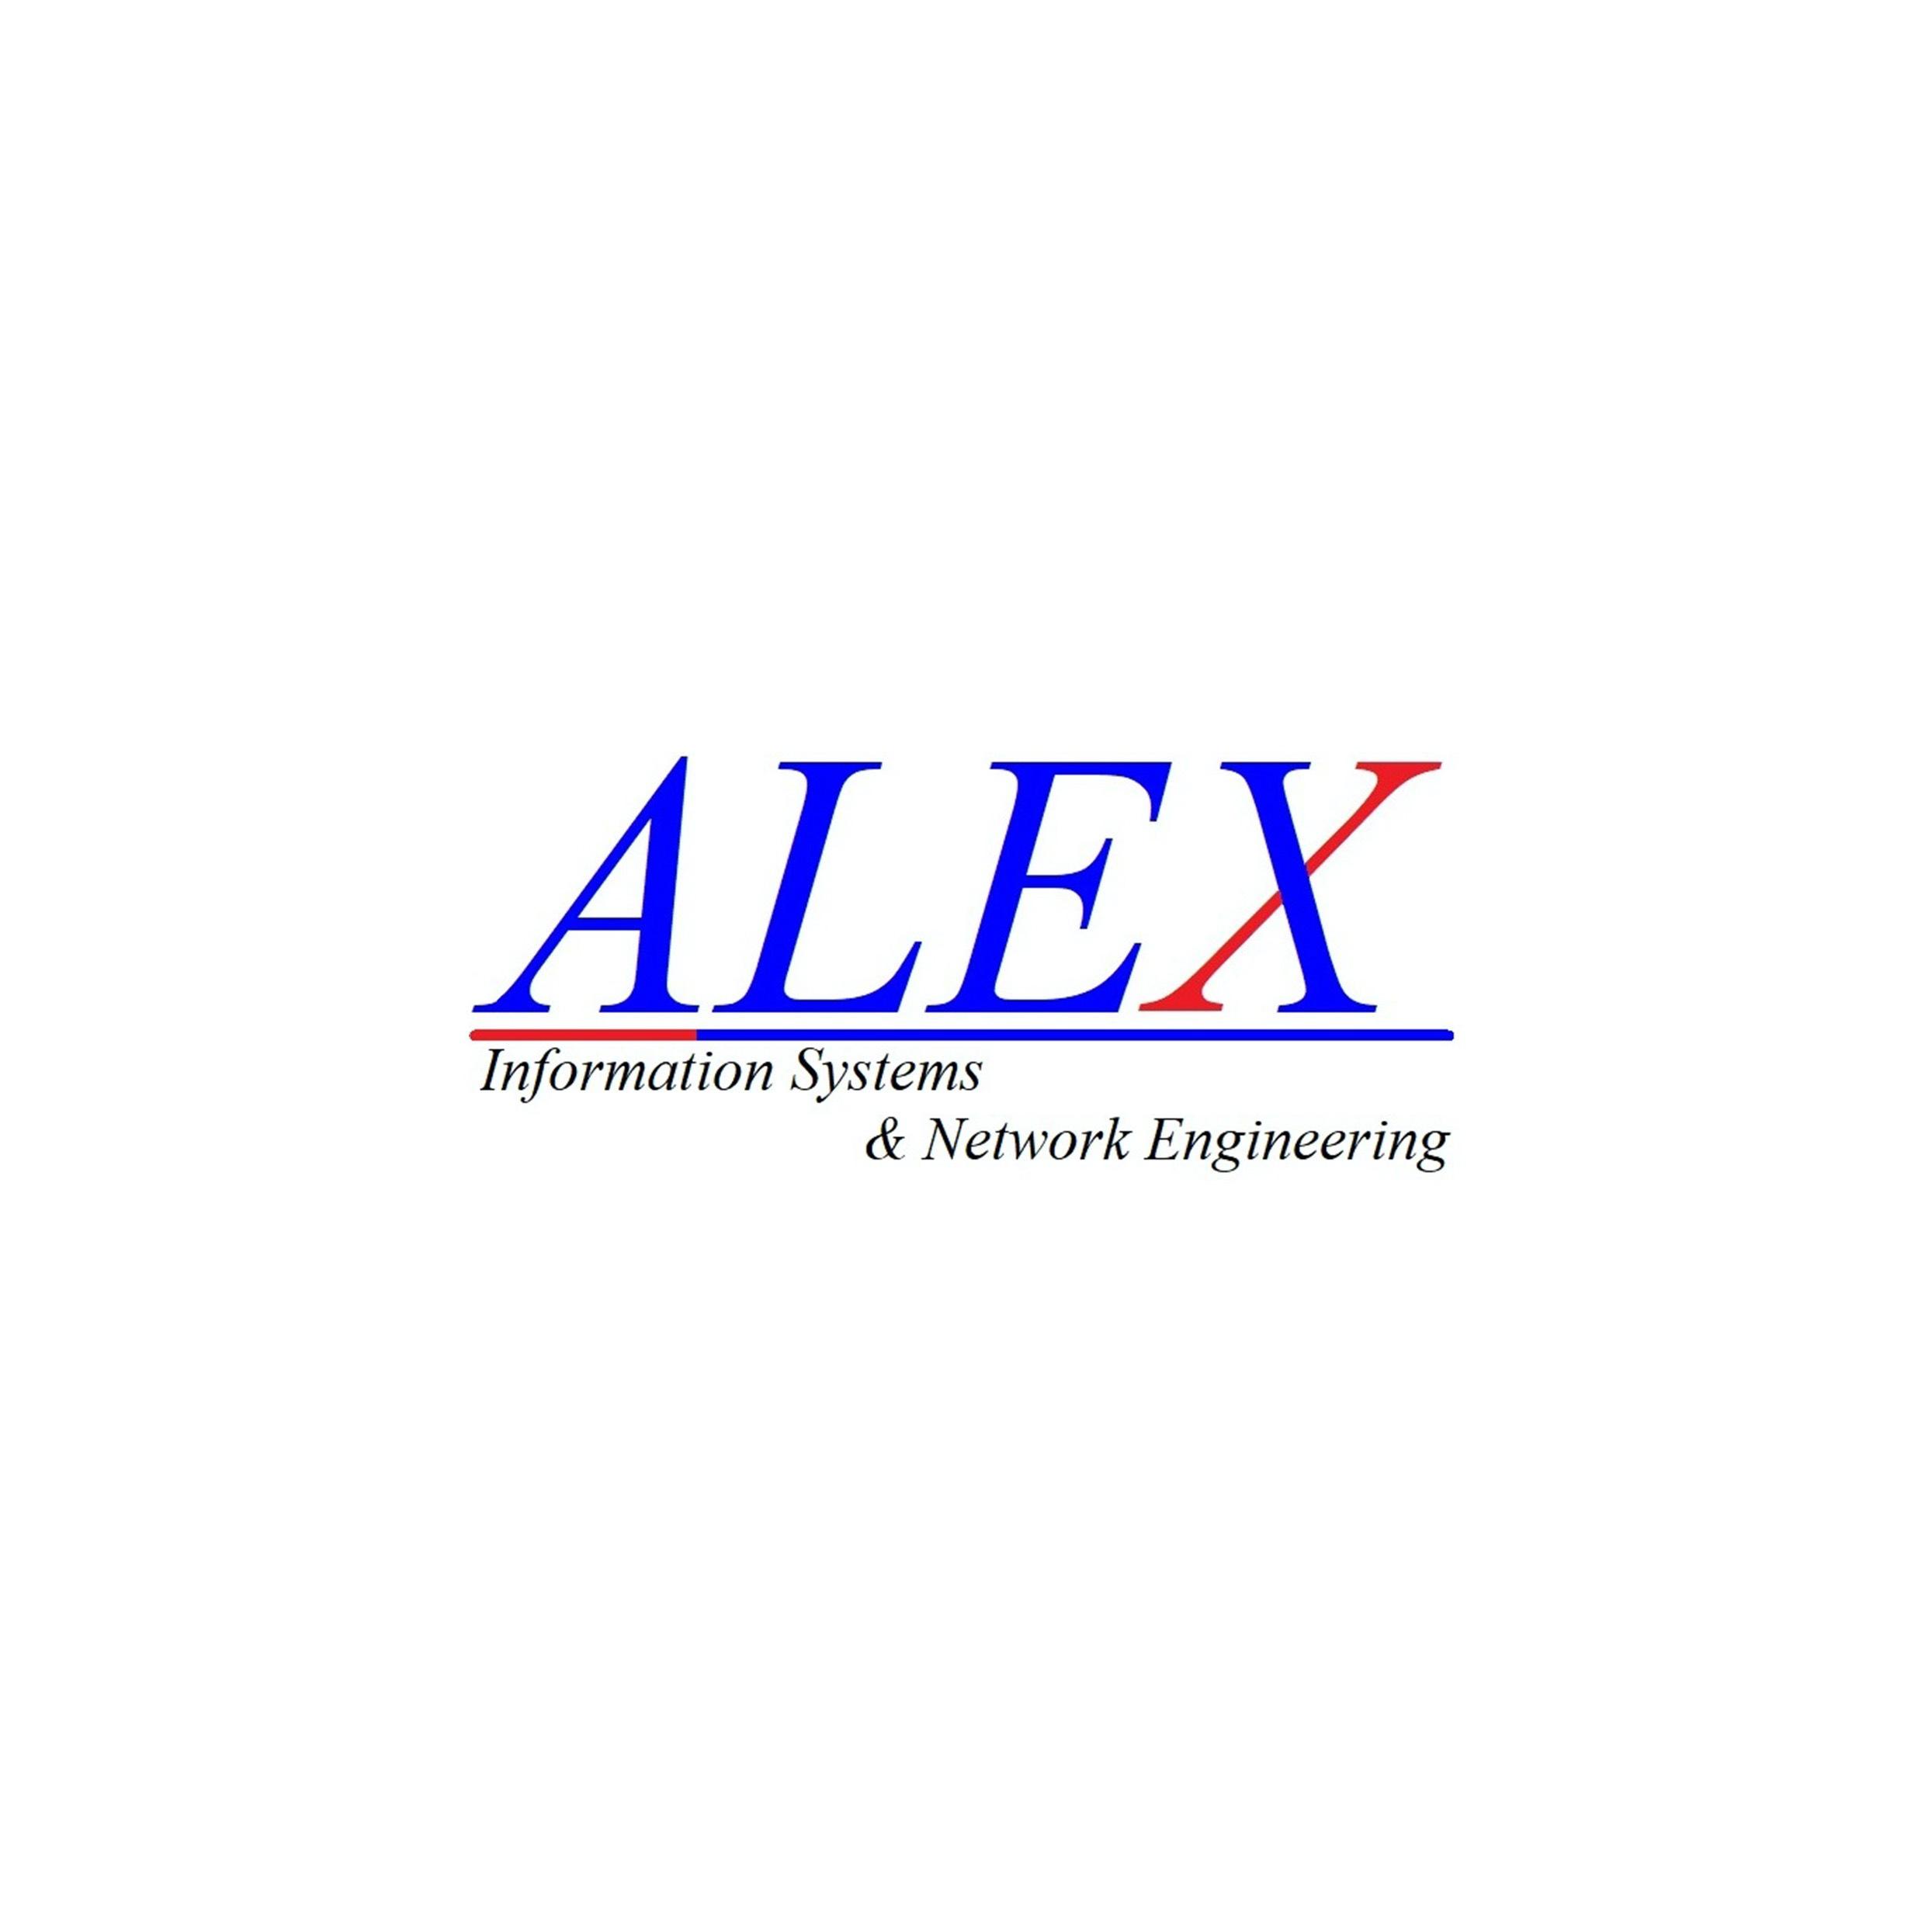 アレックス・システムズ株式会社